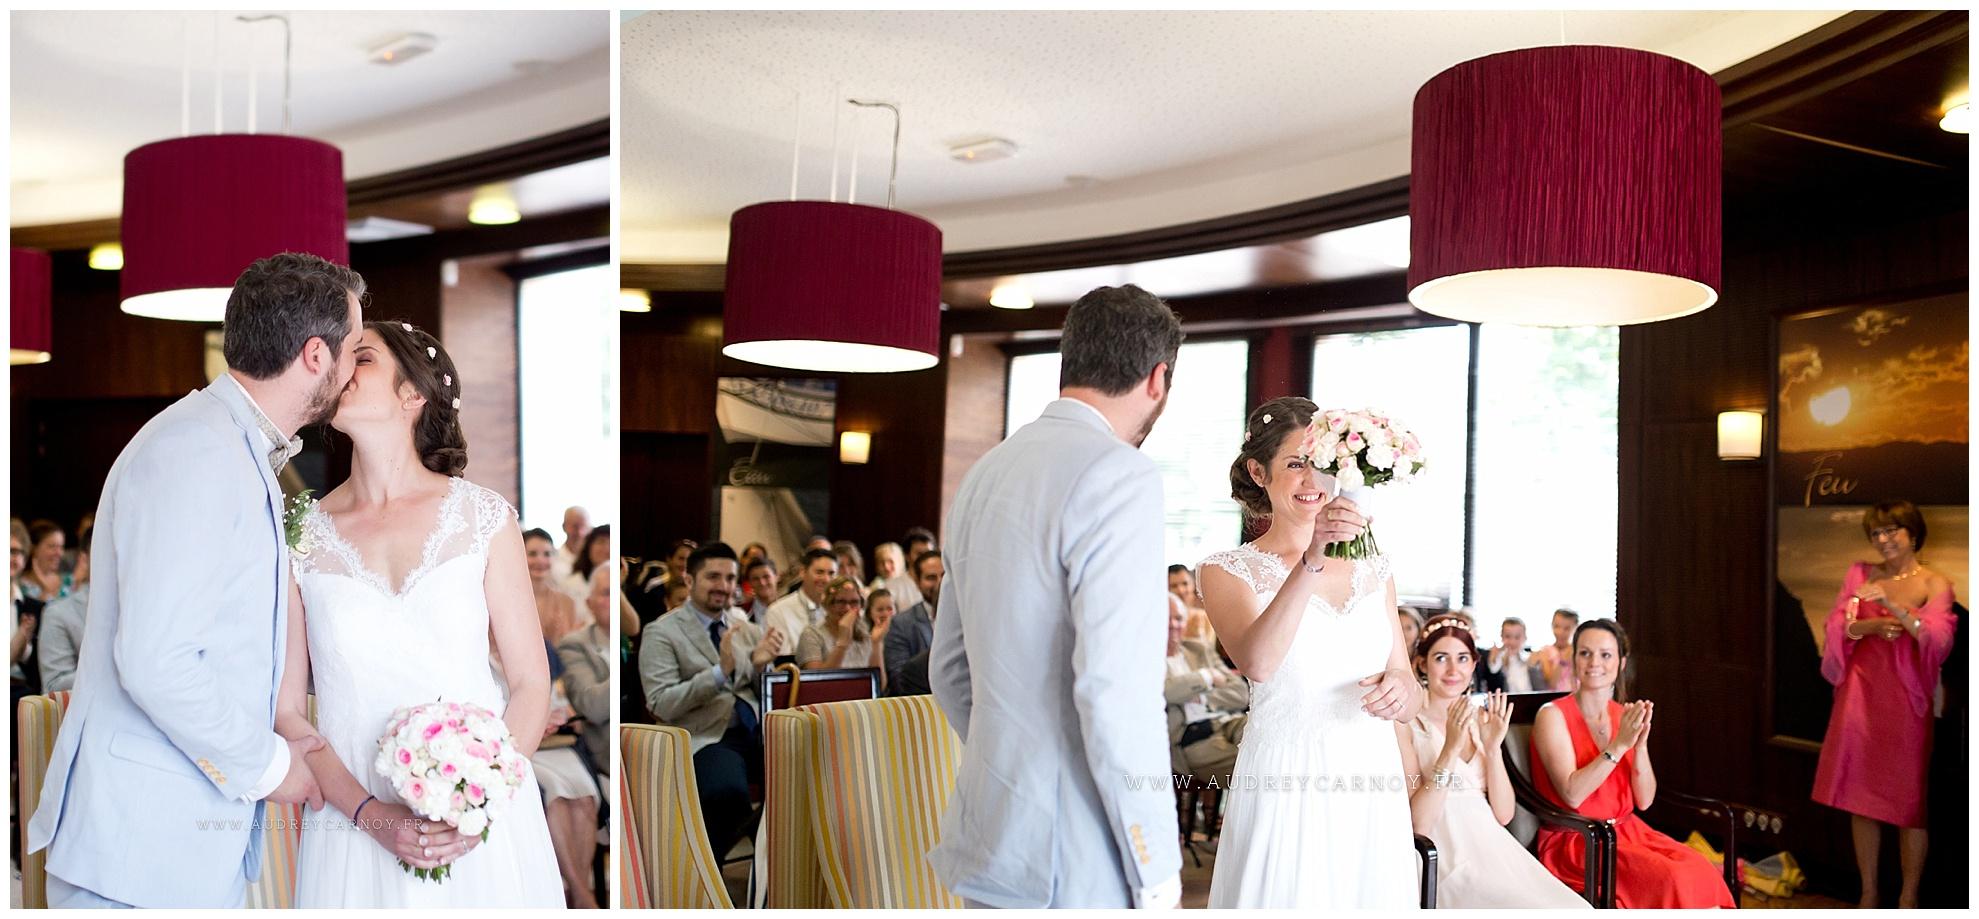 Mariage au domaine de la Bouverie - Roquebrunes sur Argens | Sophie & Nicolas 24